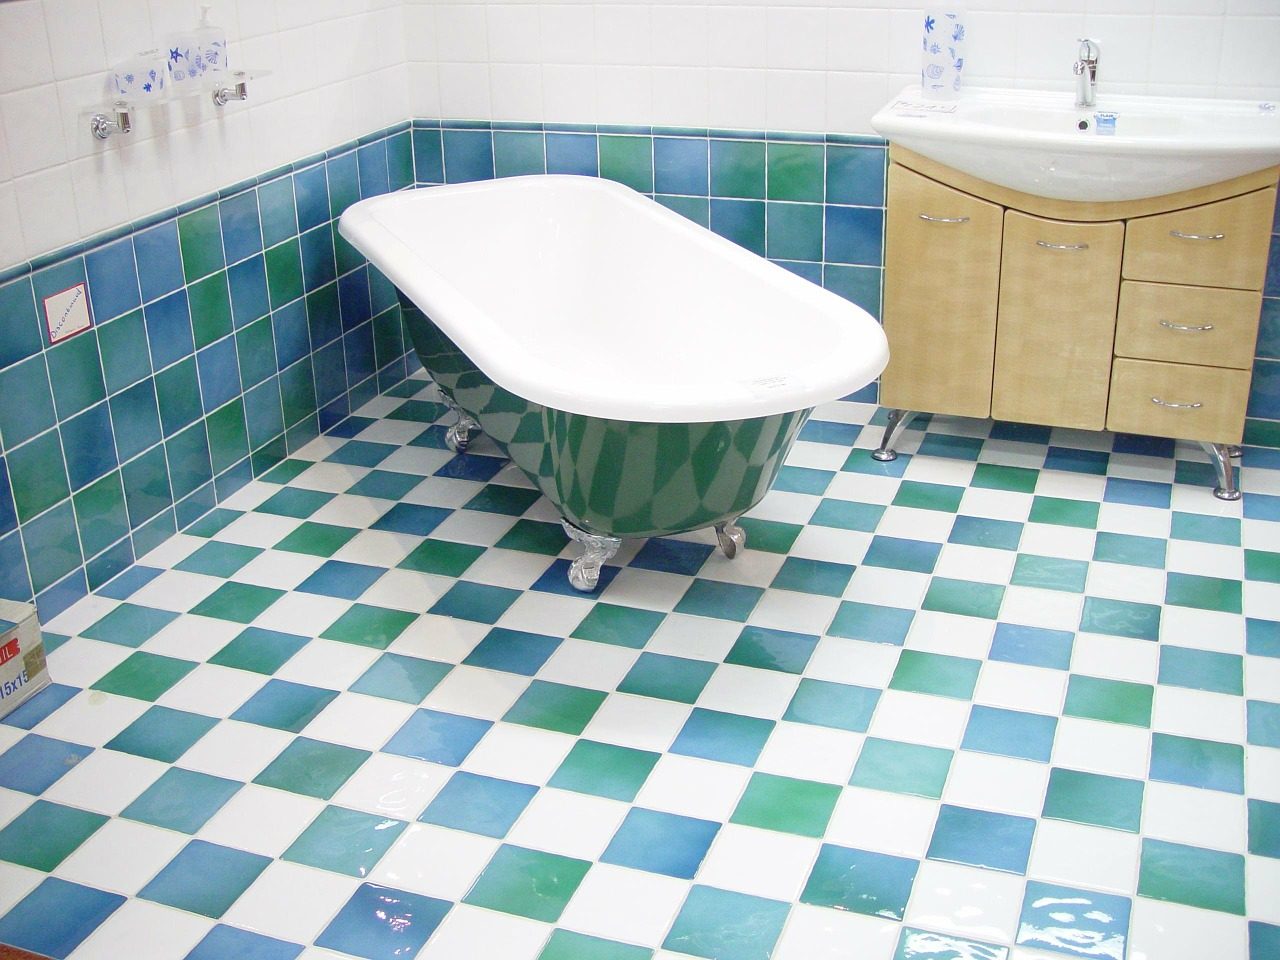 L'installation d'armoires de salle de bains est un excellent investissement